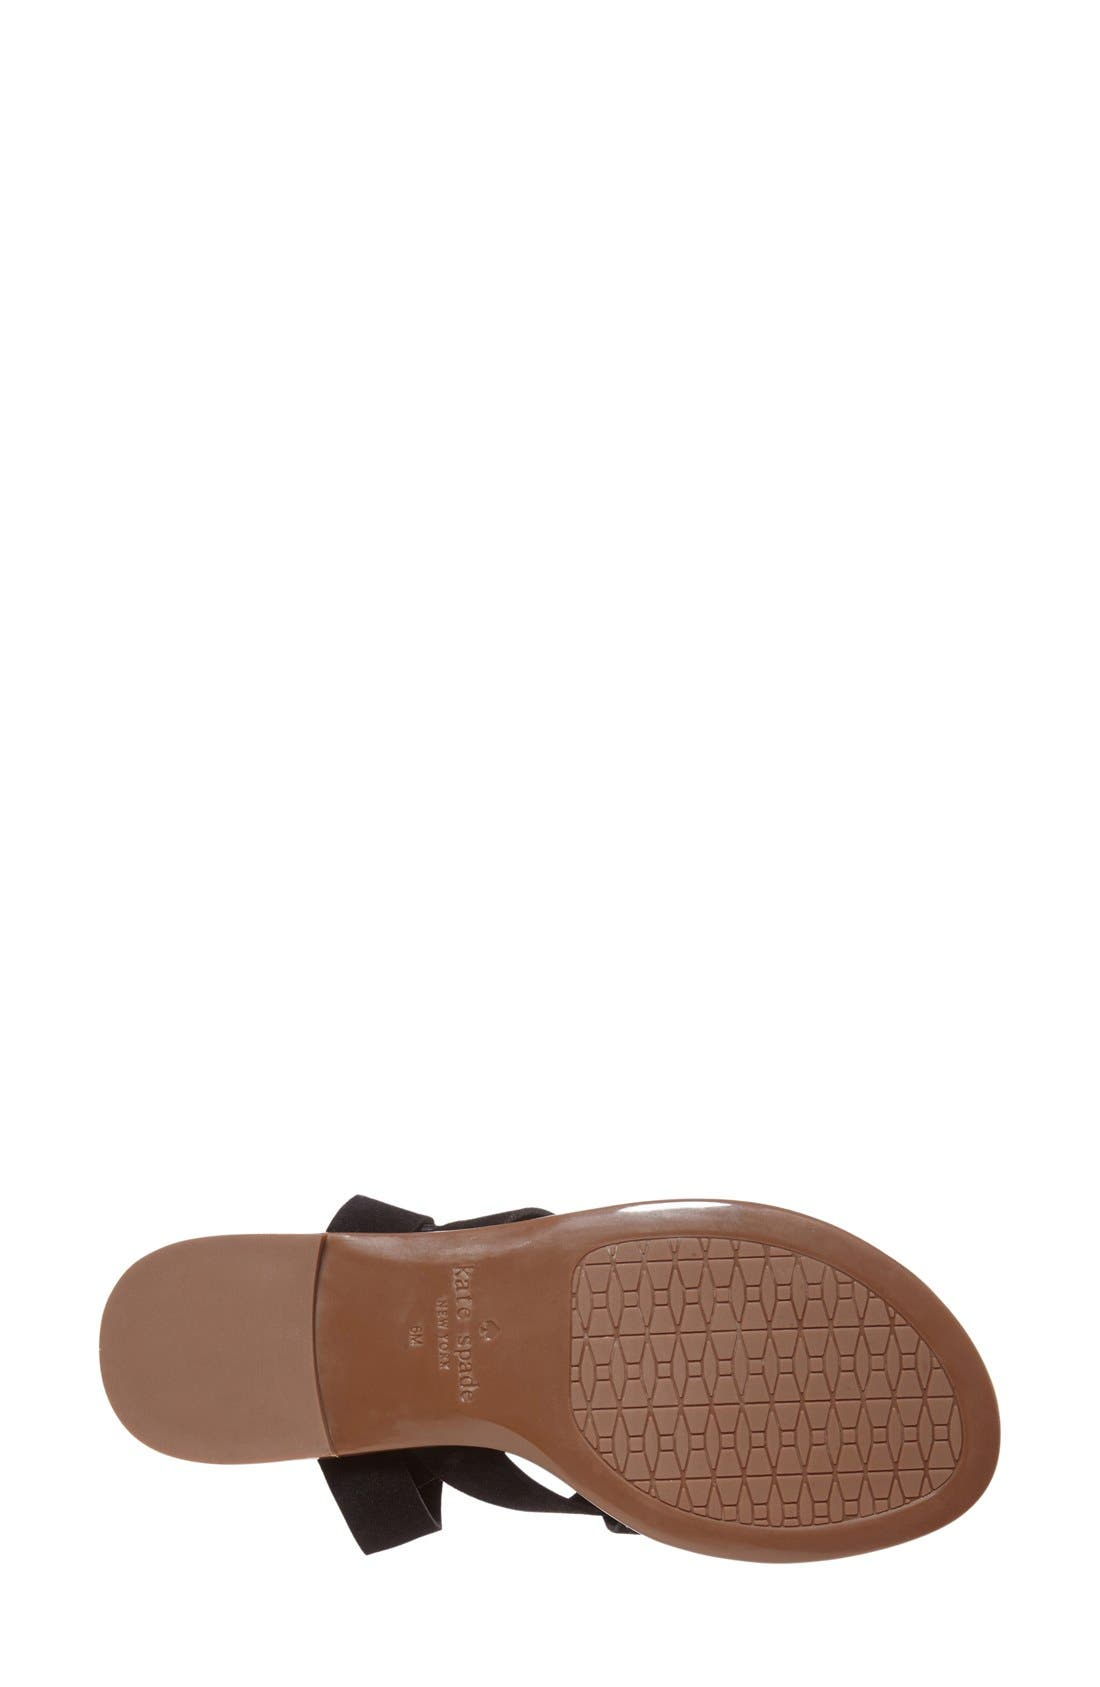 Alternate Image 4  - kate spade new york 'suno' sandal (Women)